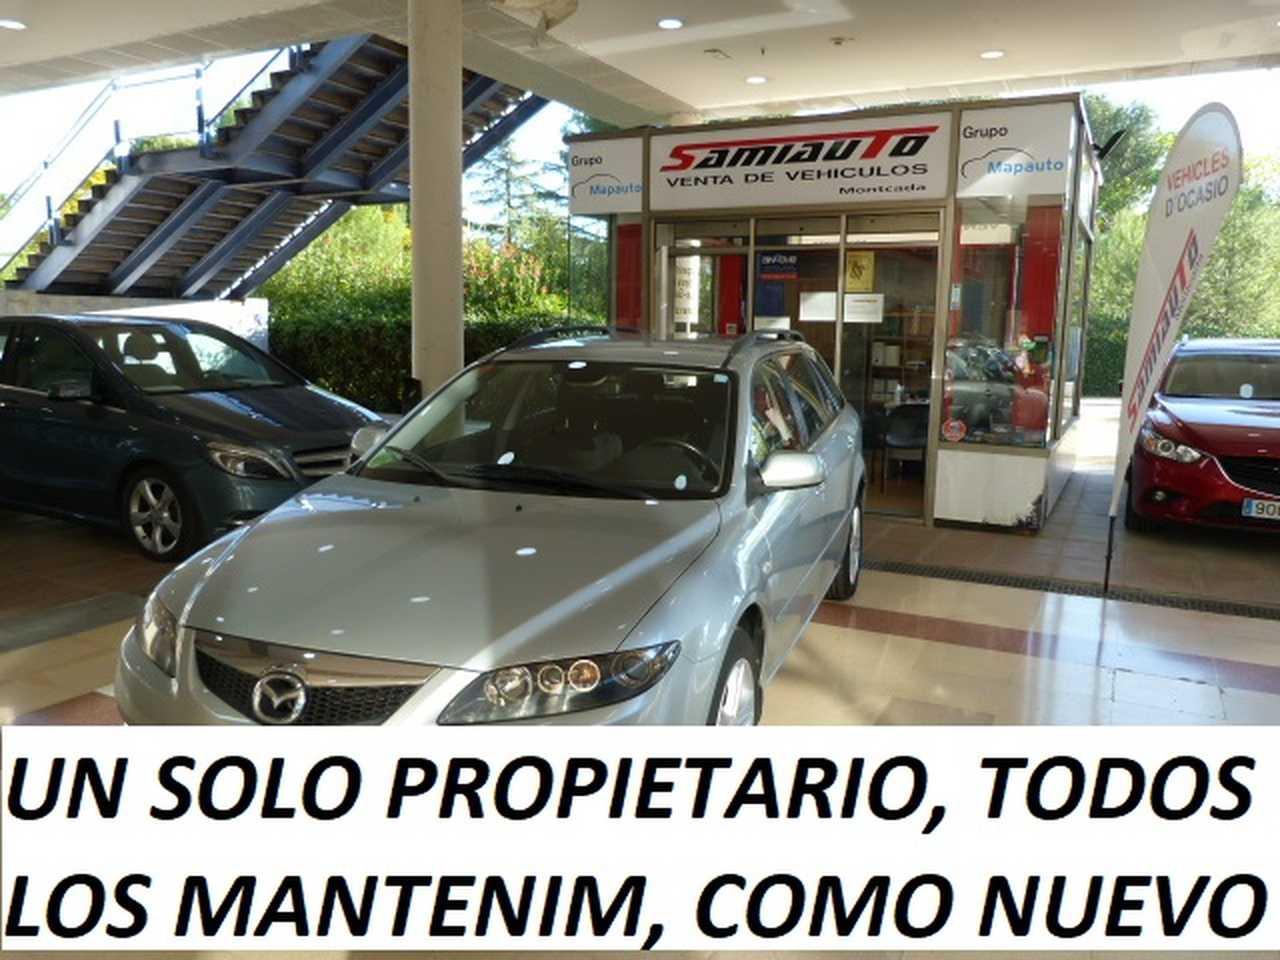 Mazda 6 Wagon Mazda6 Active 2.0 16v SW 5p un solo propietario, libro de revisiones  - Foto 1